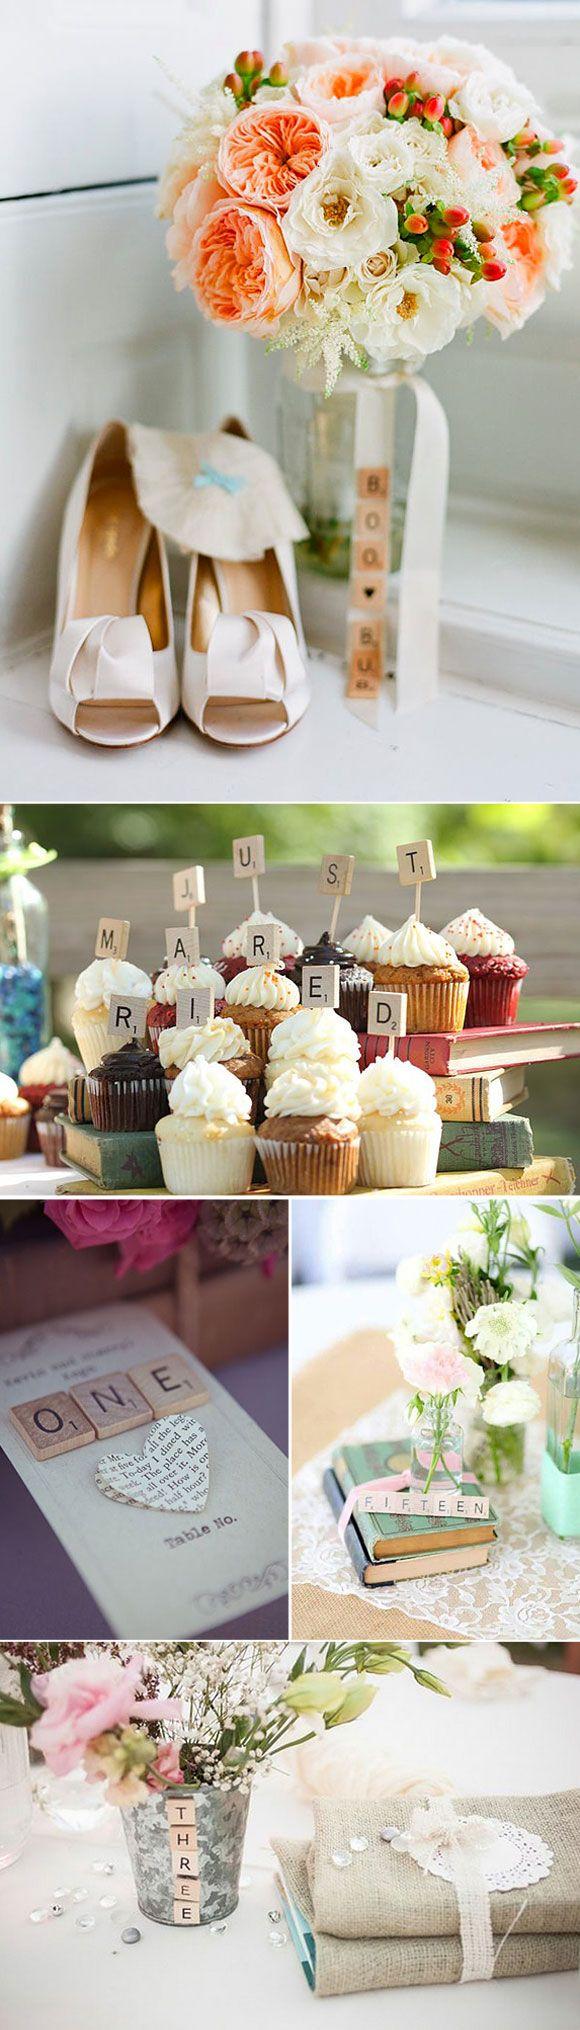 Letras De Decoracion Para Bodas ~ Letras de scrabble para decorar tu boda  Ideas Originales Decoraci?n